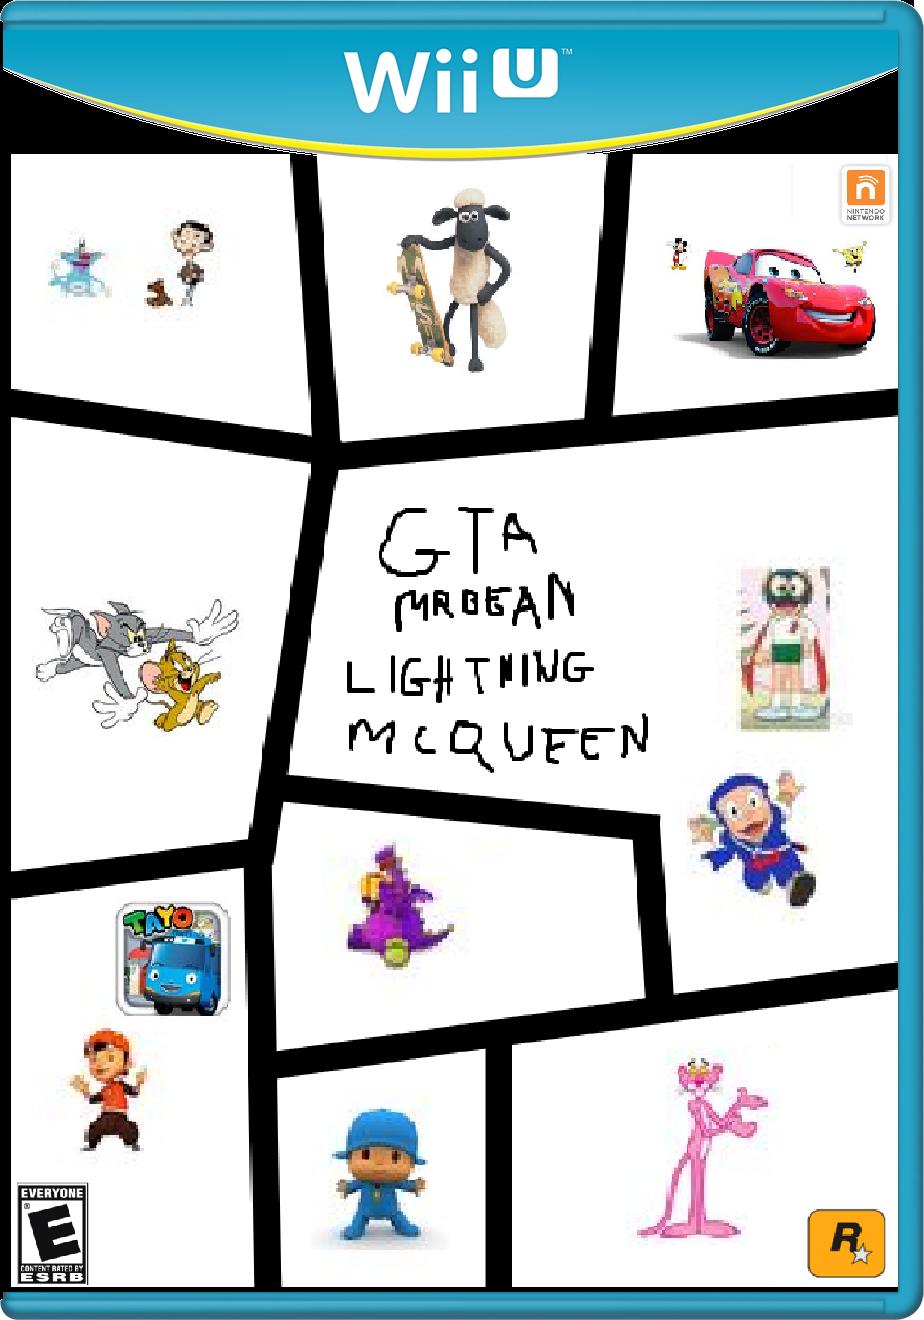 Image Wii U Box Pngwii U Make Believe Game Case Game Cover Box Art